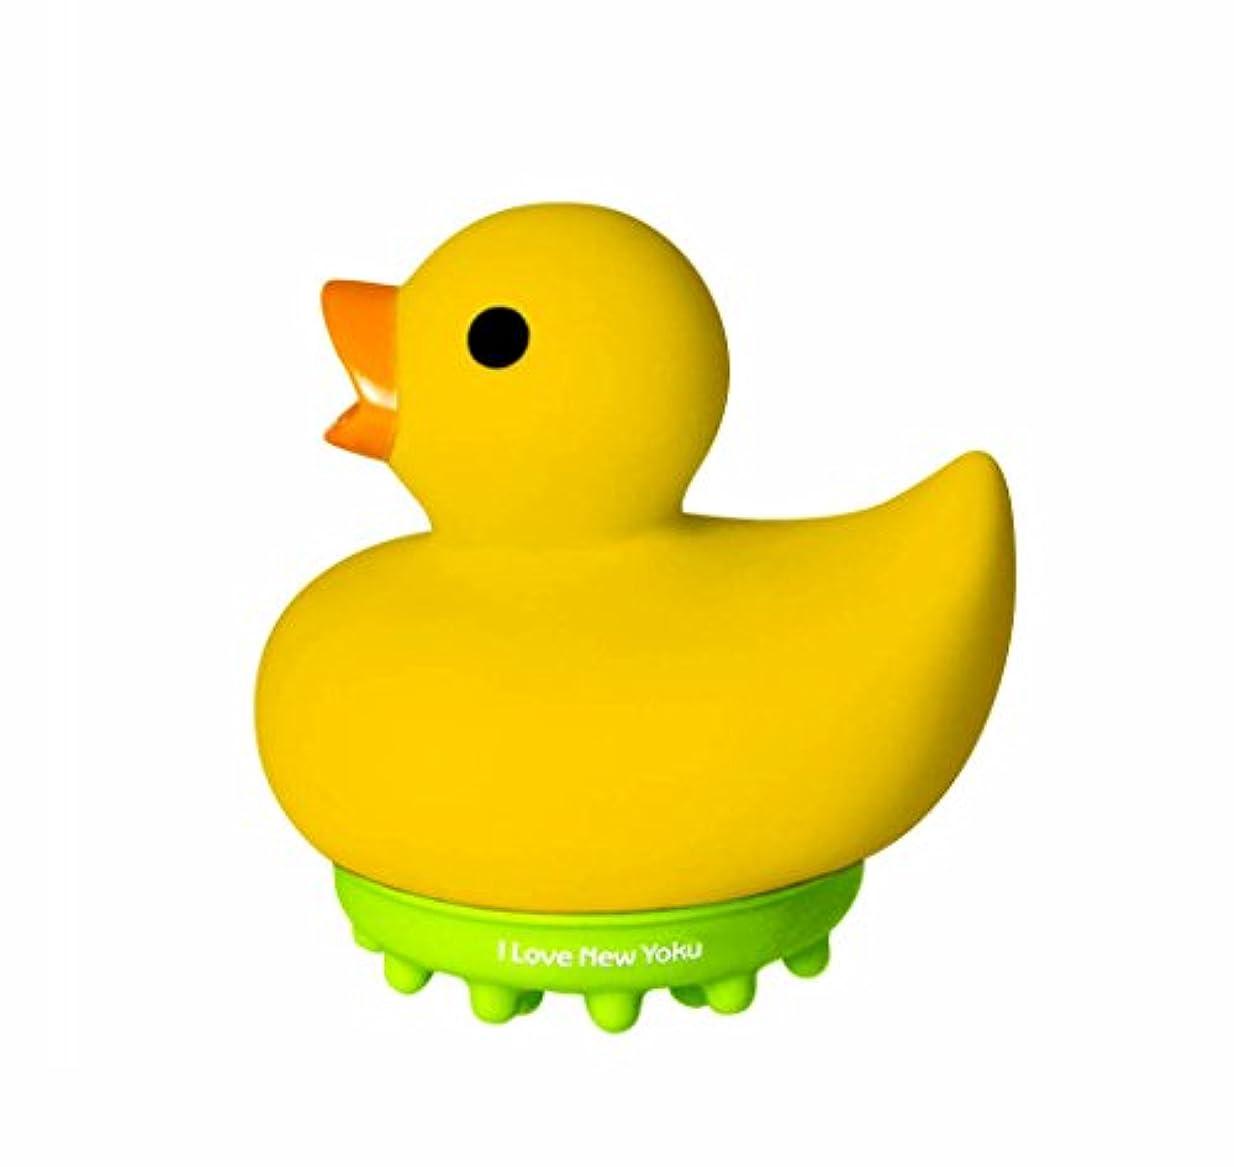 条件付き主に屋内duck Relaxer Yellow